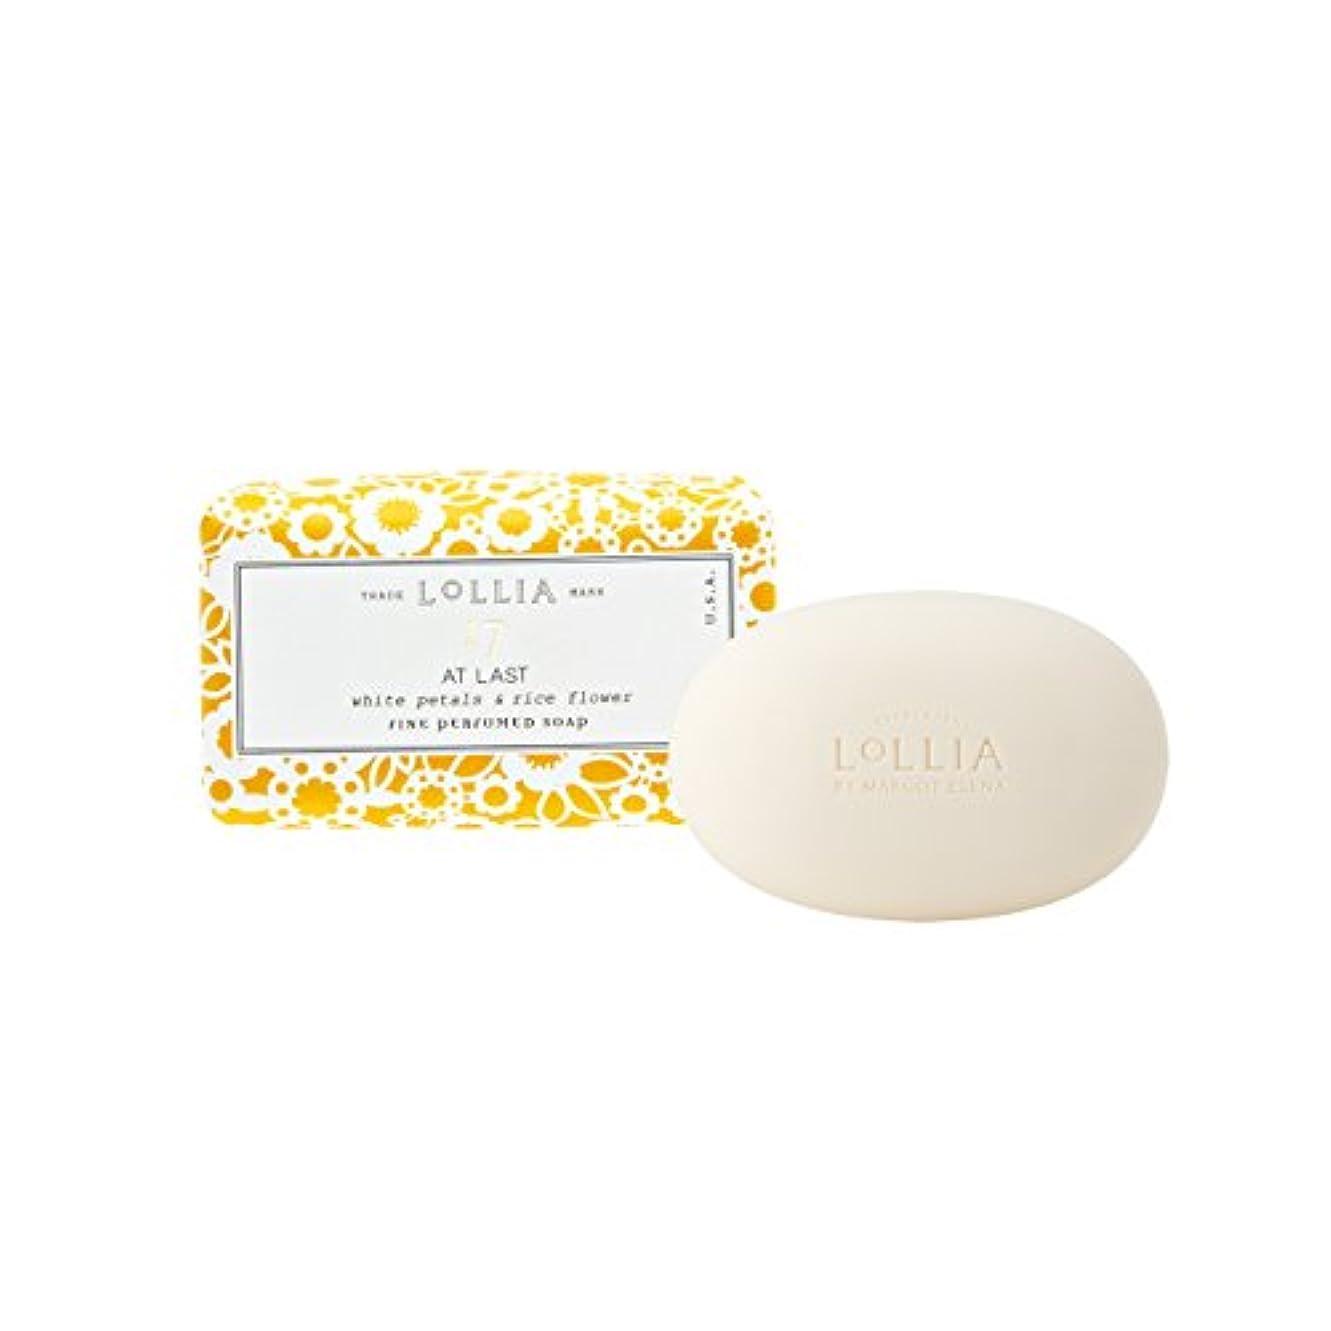 マザーランドメドレージャングルロリア(LoLLIA) フレグランスソープ140g AtLast(化粧石けん 全身用洗浄料 ライスフラワー、マグノリアとミモザの柔らかな花々の香り)